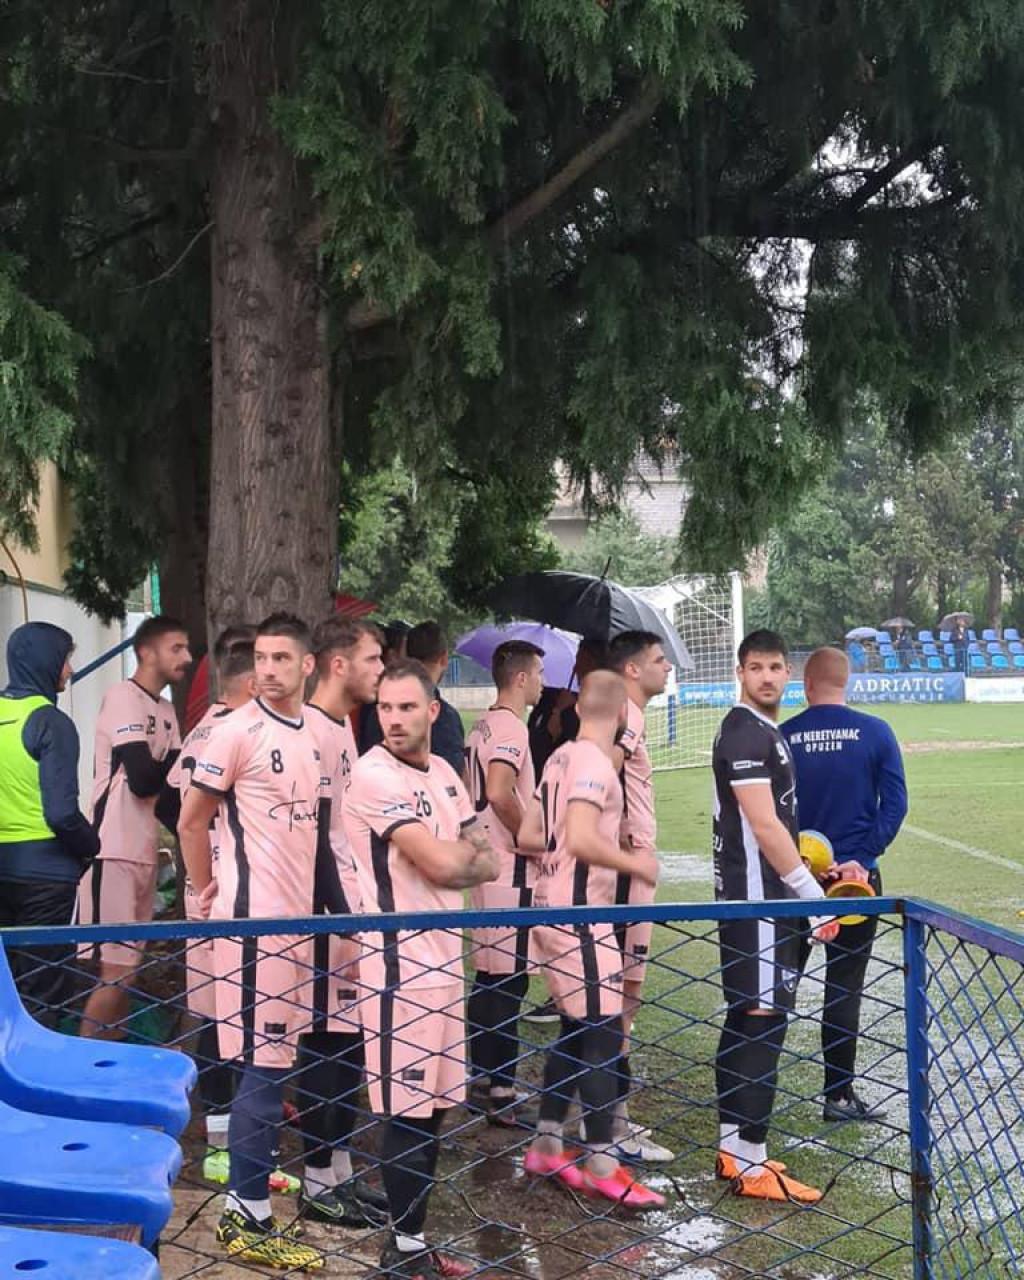 Igrači Posedarja u Opuzenu na odgođenoj utakmici zbog kiše